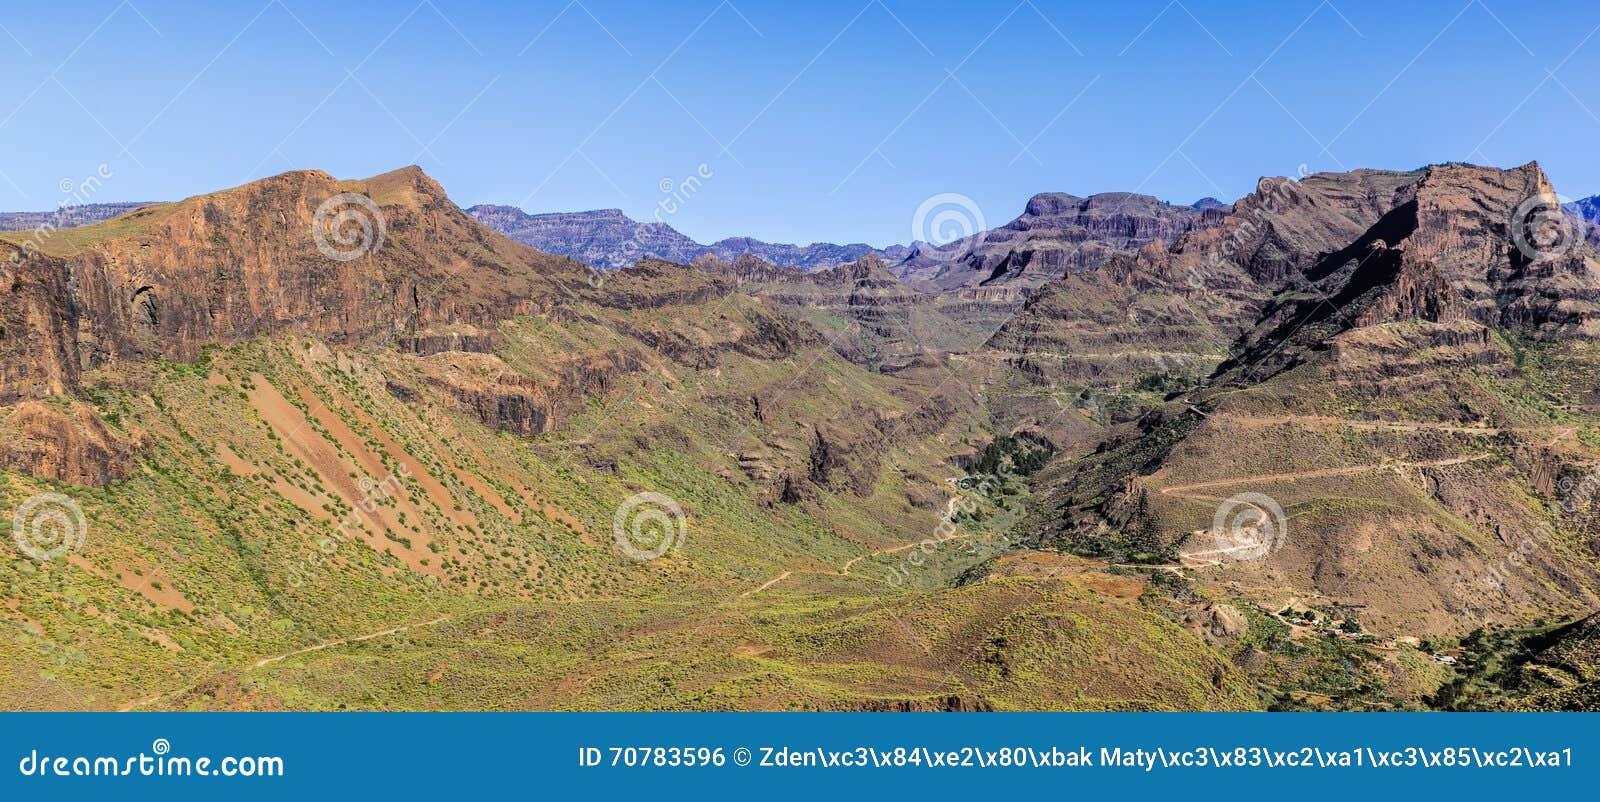 Barranco De Guayadeque - Gran Canaria, Spanien Stockfoto - Bild: 70783596